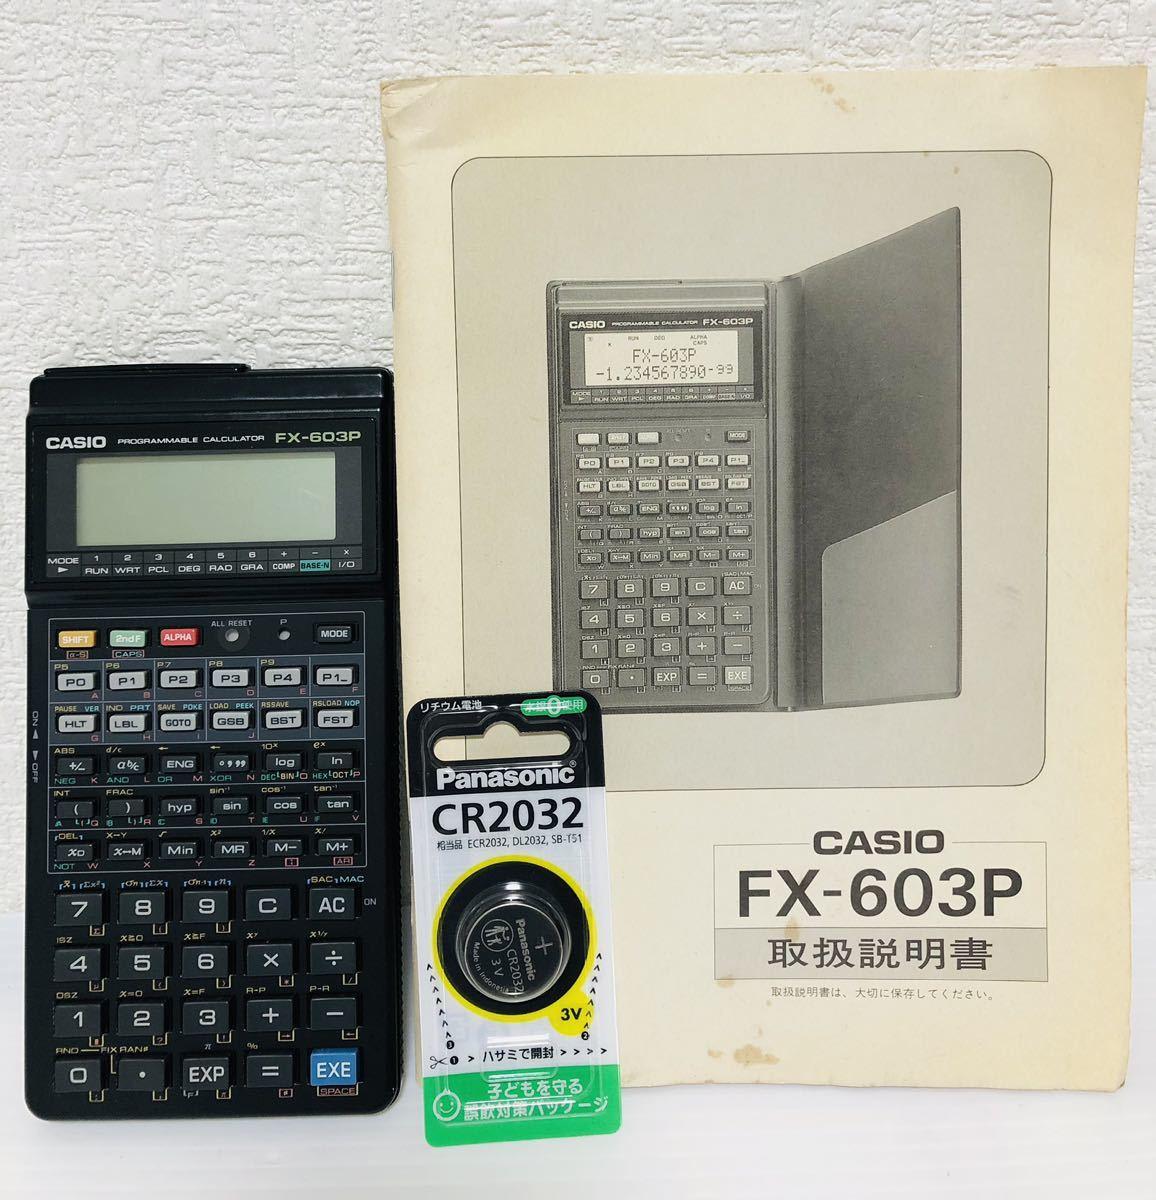 【希少】CASIO FX-603P カシオ 関数電卓 即利用くん 電池新品 取説付き